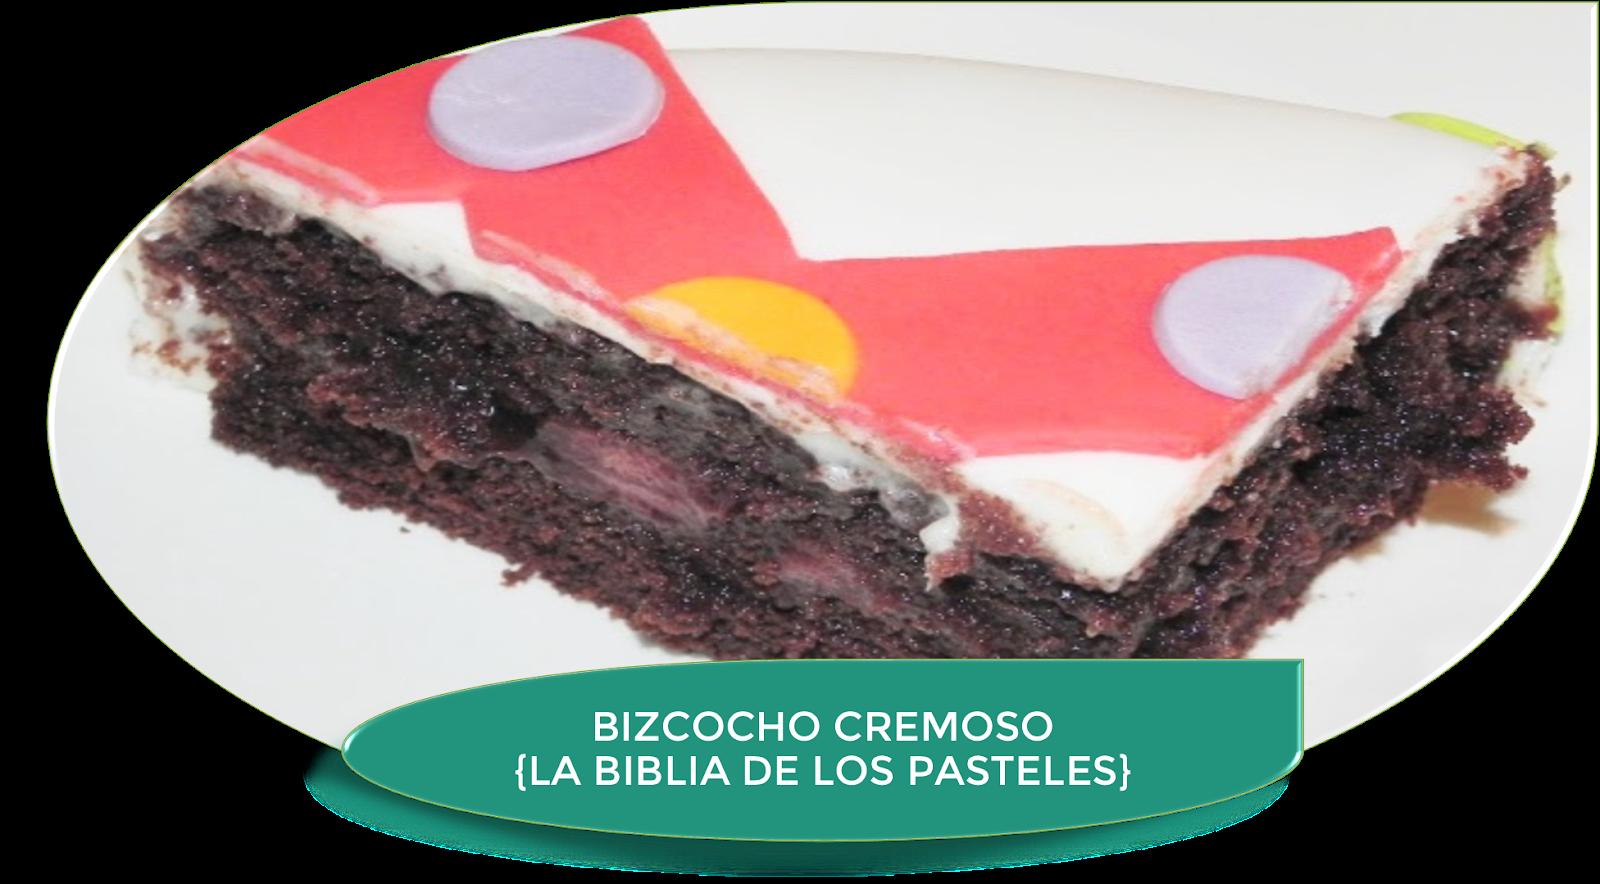 BIZCOCHO CREMOSO DE CHOCOLATE (LA BIBLIA DE LOS PASTELES)